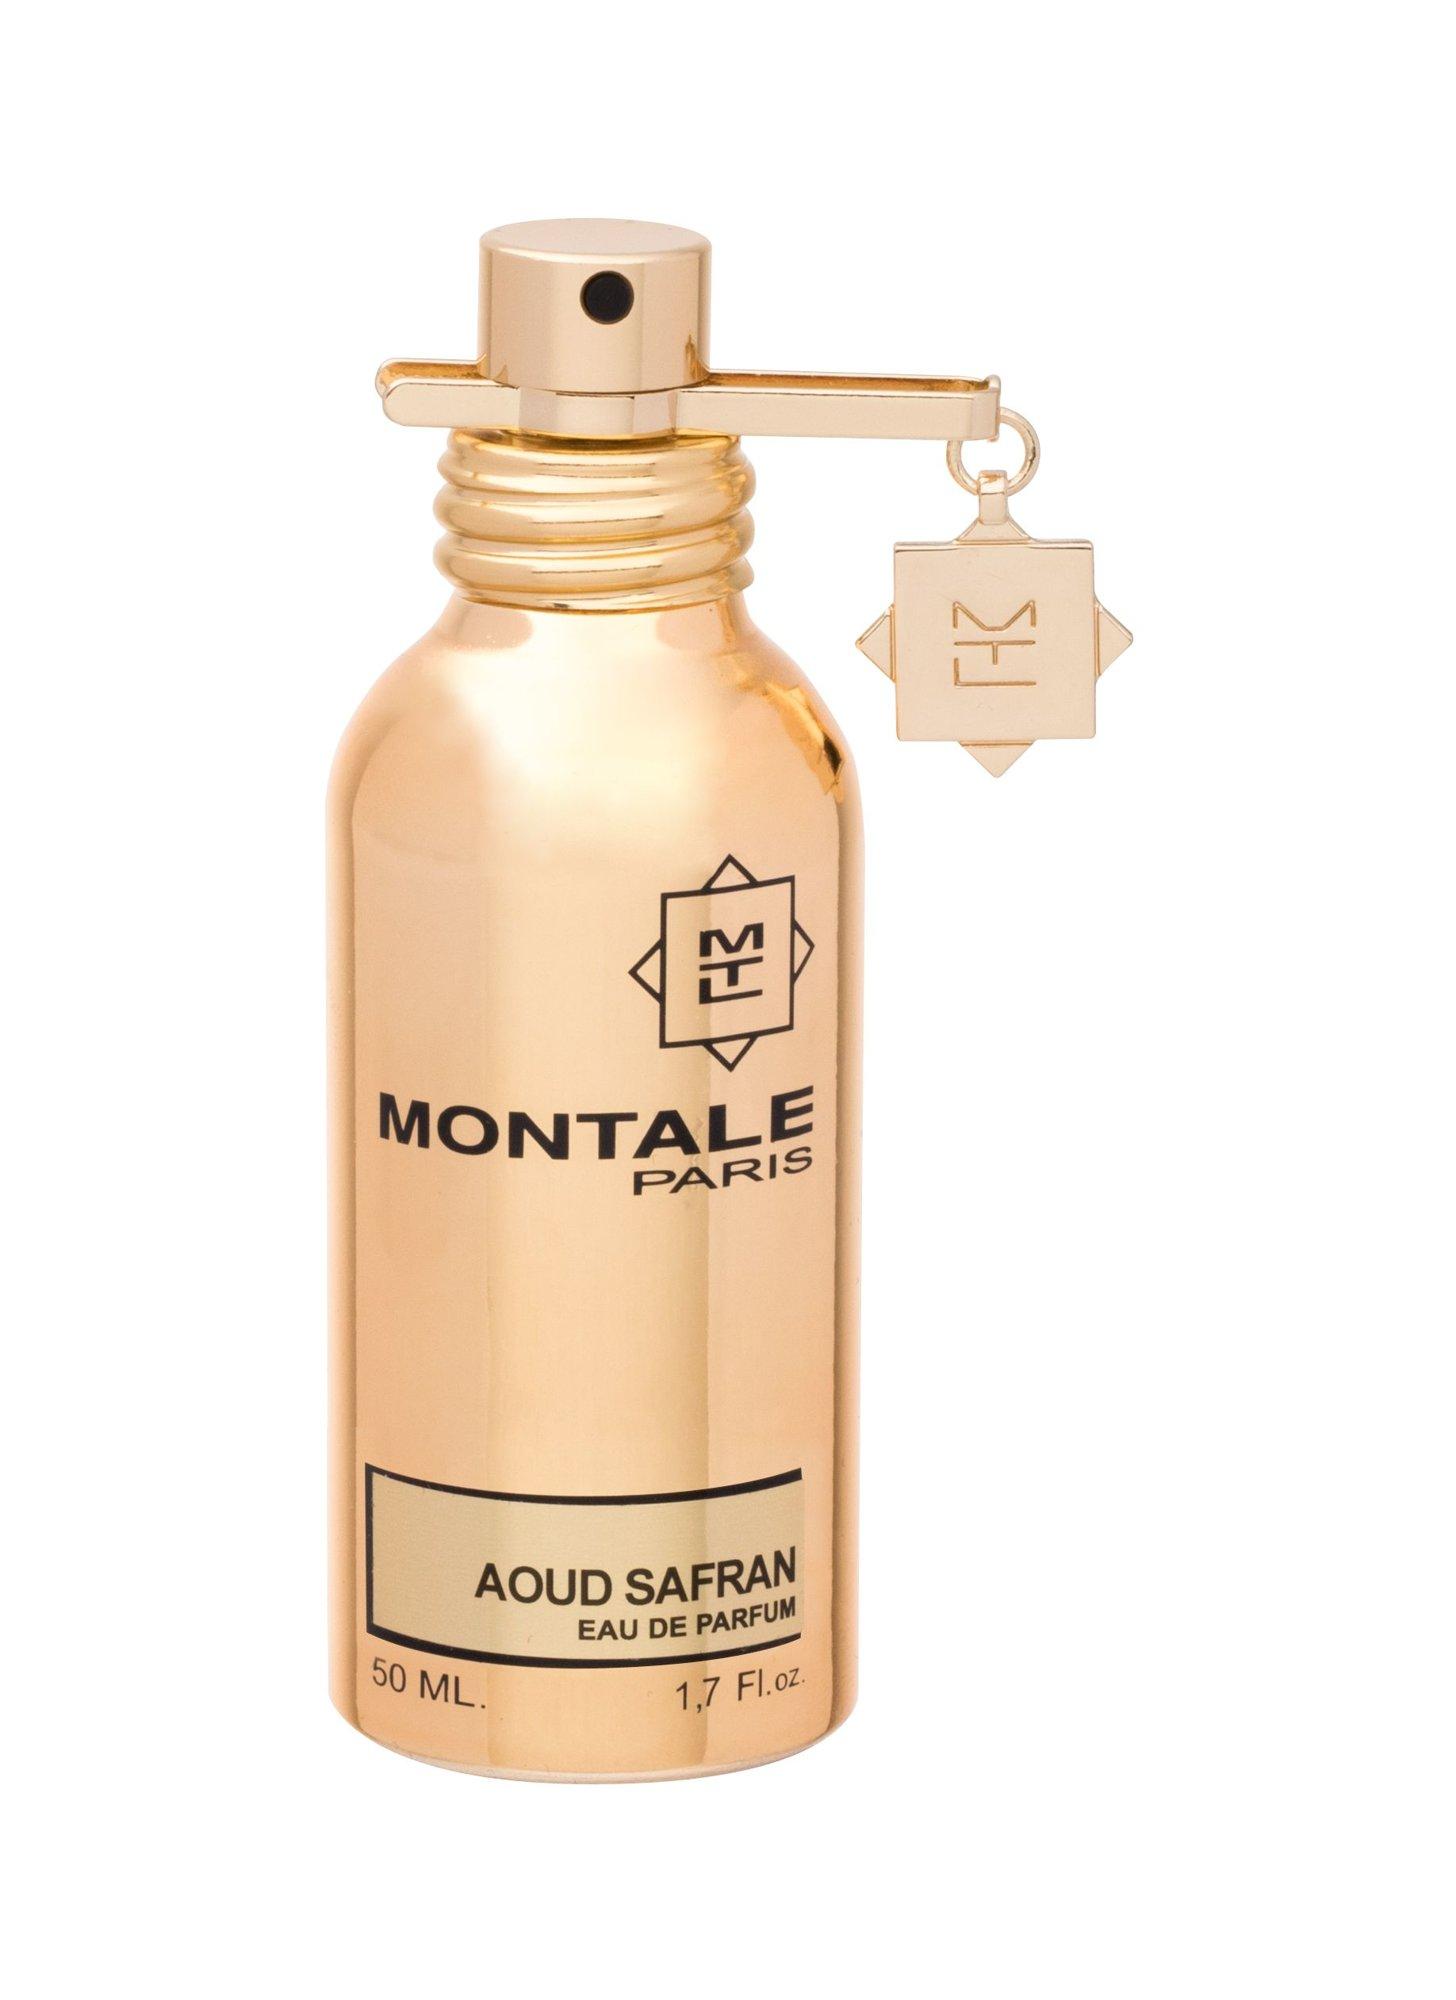 Montale Paris Aoud Safran EDP 50ml